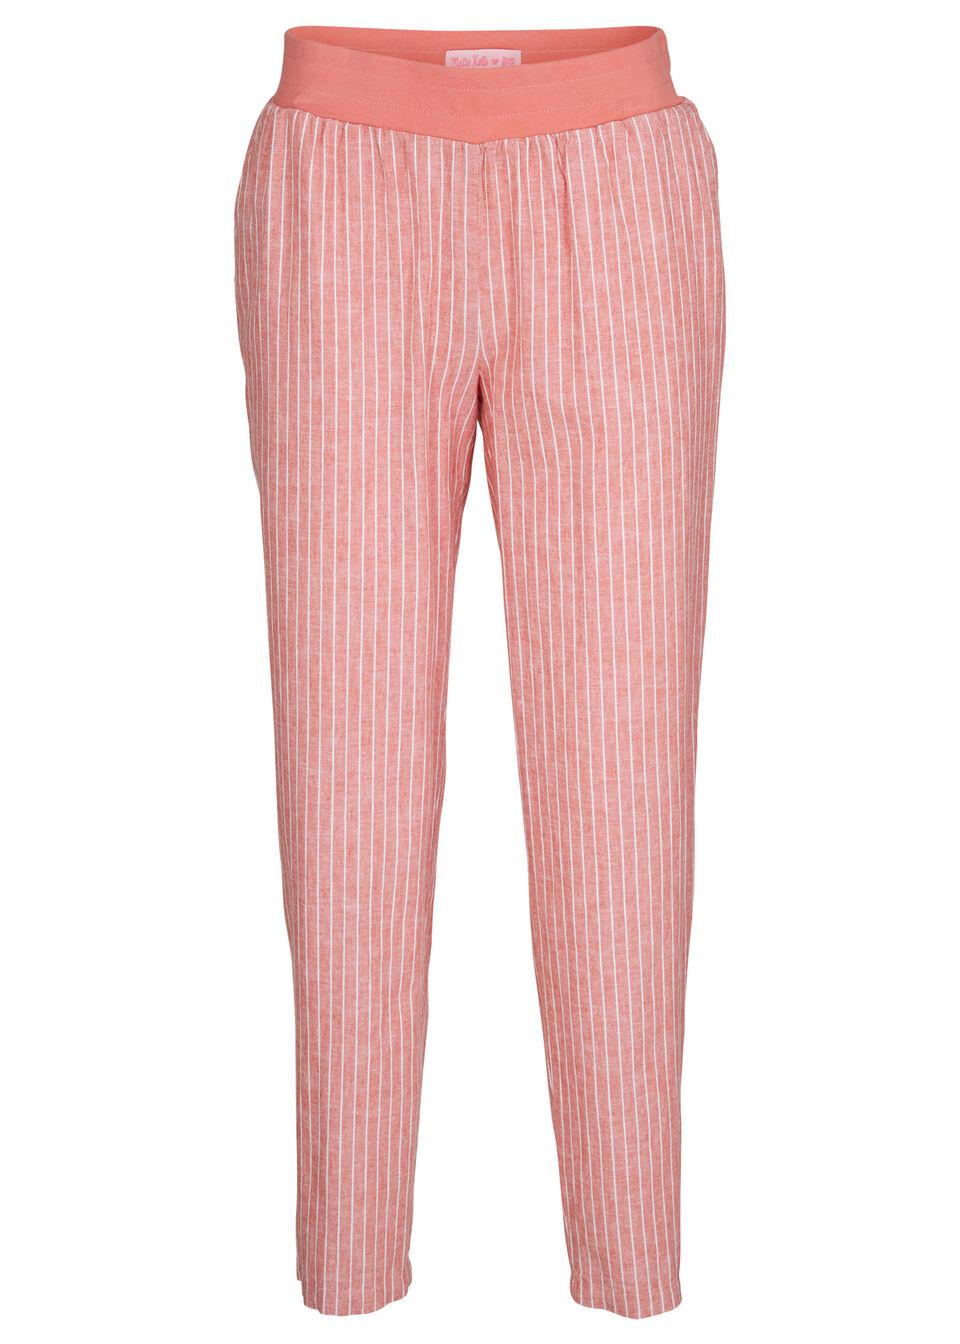 Spodnie lniane z kolekcji Maite Kelly bonprix rabarbarowo-biały w paski